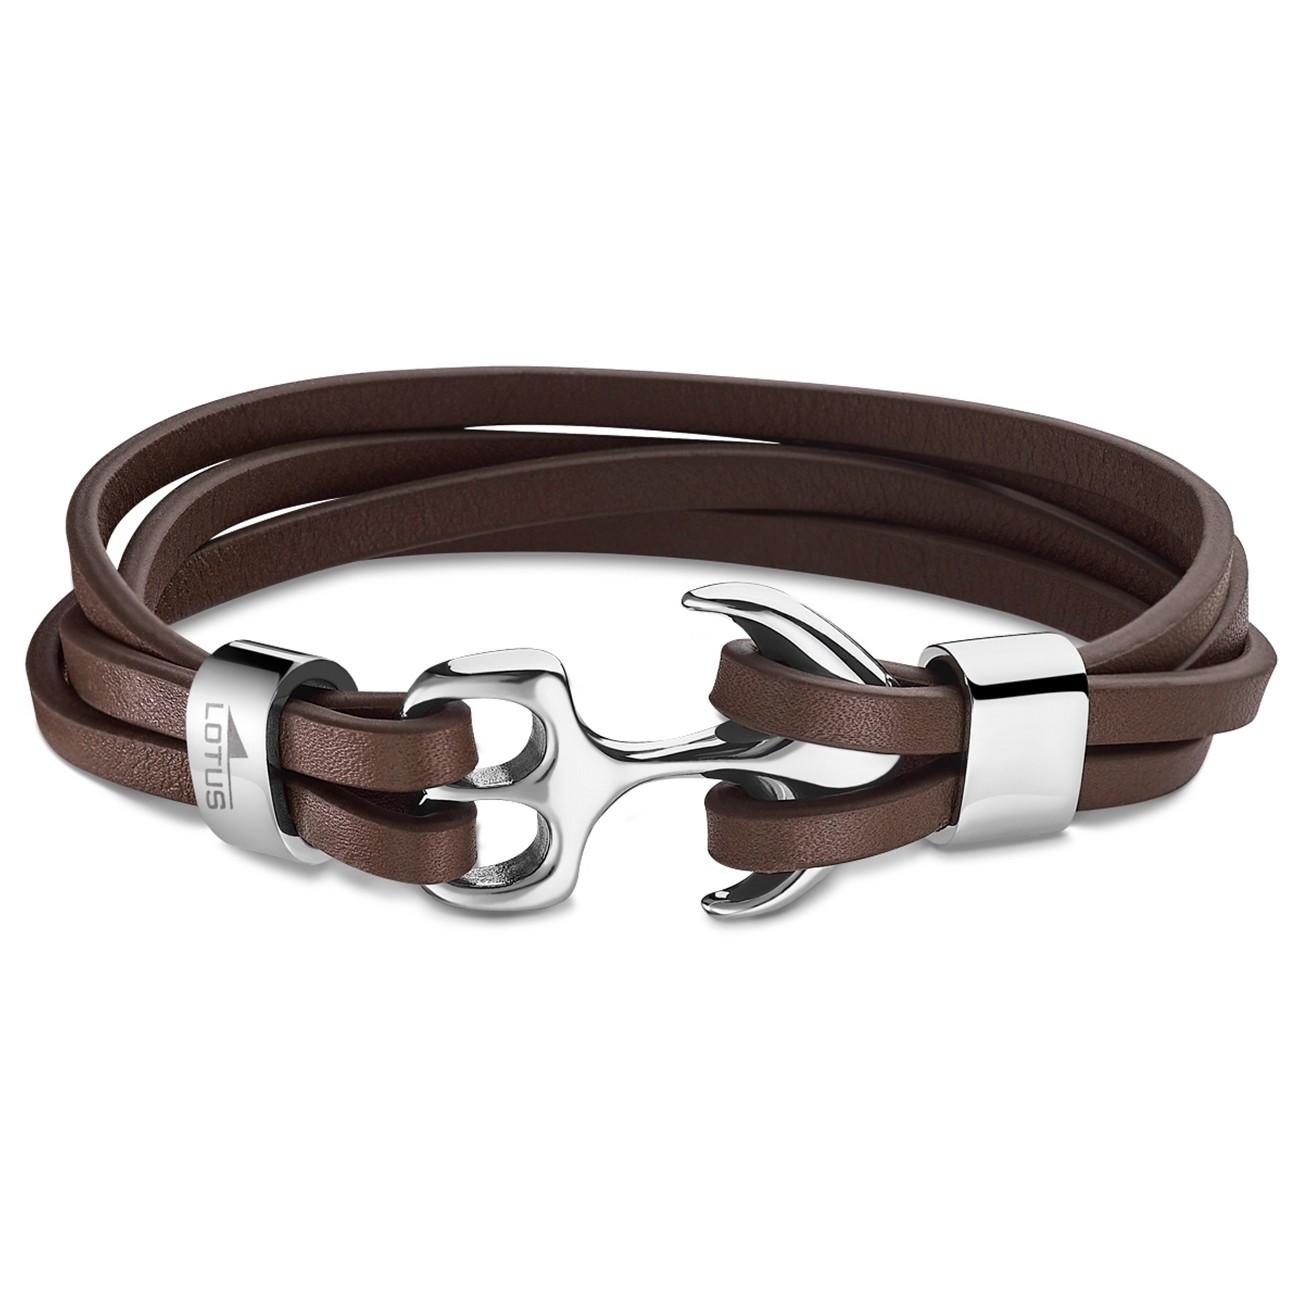 LOTUS Style Armband Riemen LS1974-2/2 Herren Leder braun Urban JLS1974-2-2